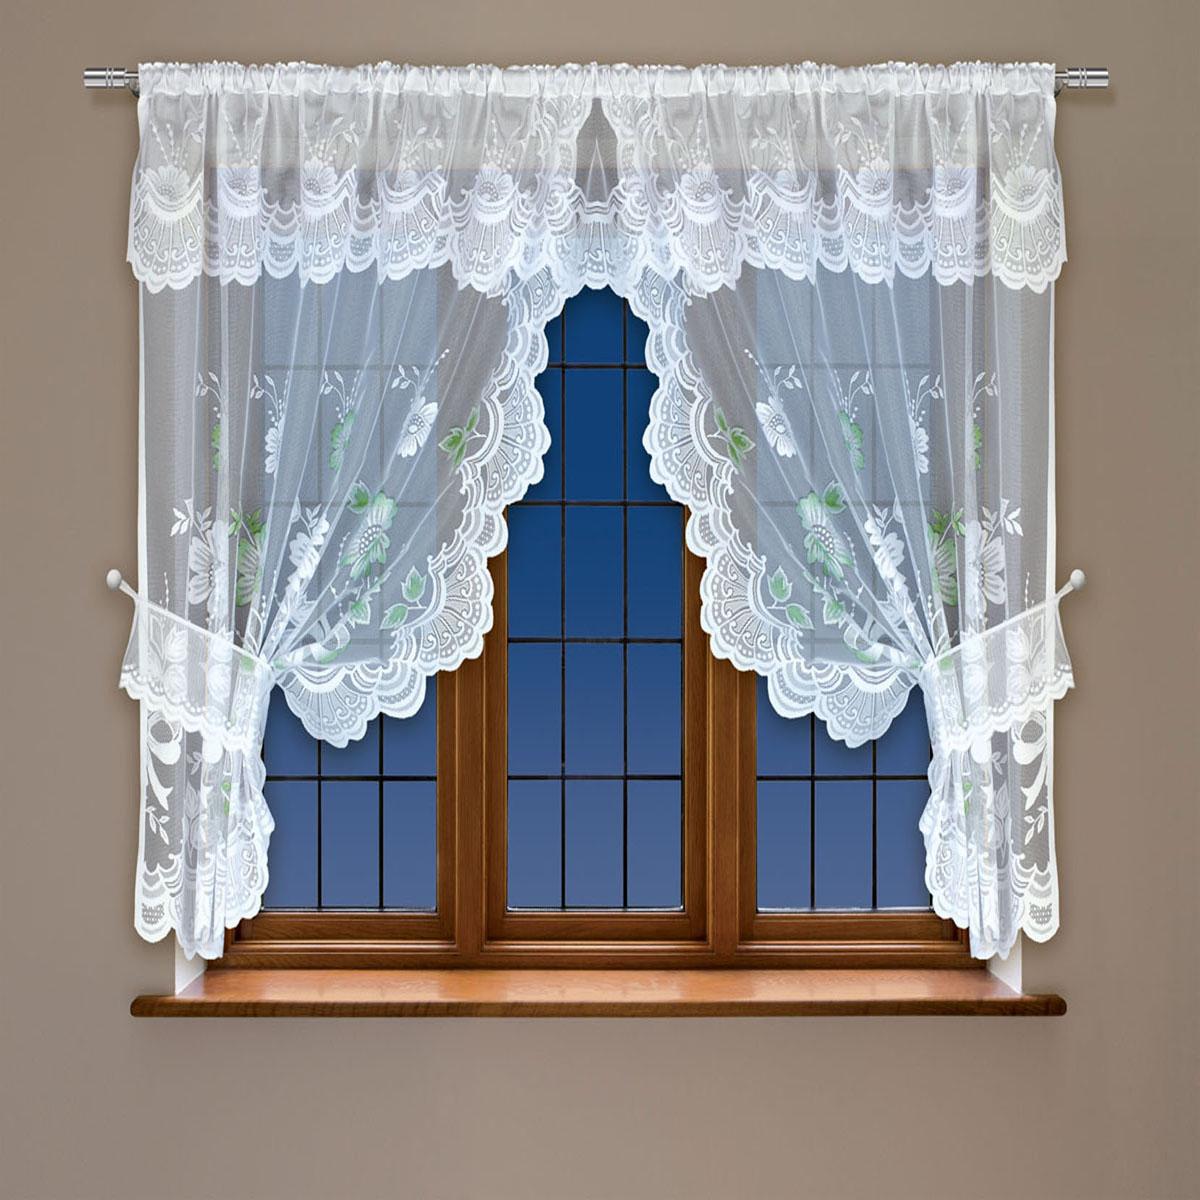 Гардина Haft, на кулиске, цвет: белый, высота 91 см. 20256110503Воздушная гардина Haft, выполненная из полиэстера, великолепно украсит любое окно.Изделие имеет оригинальный дизайн и органично впишется в интерьер помещения.Гардина крепится на карниз при помощи кулиски.